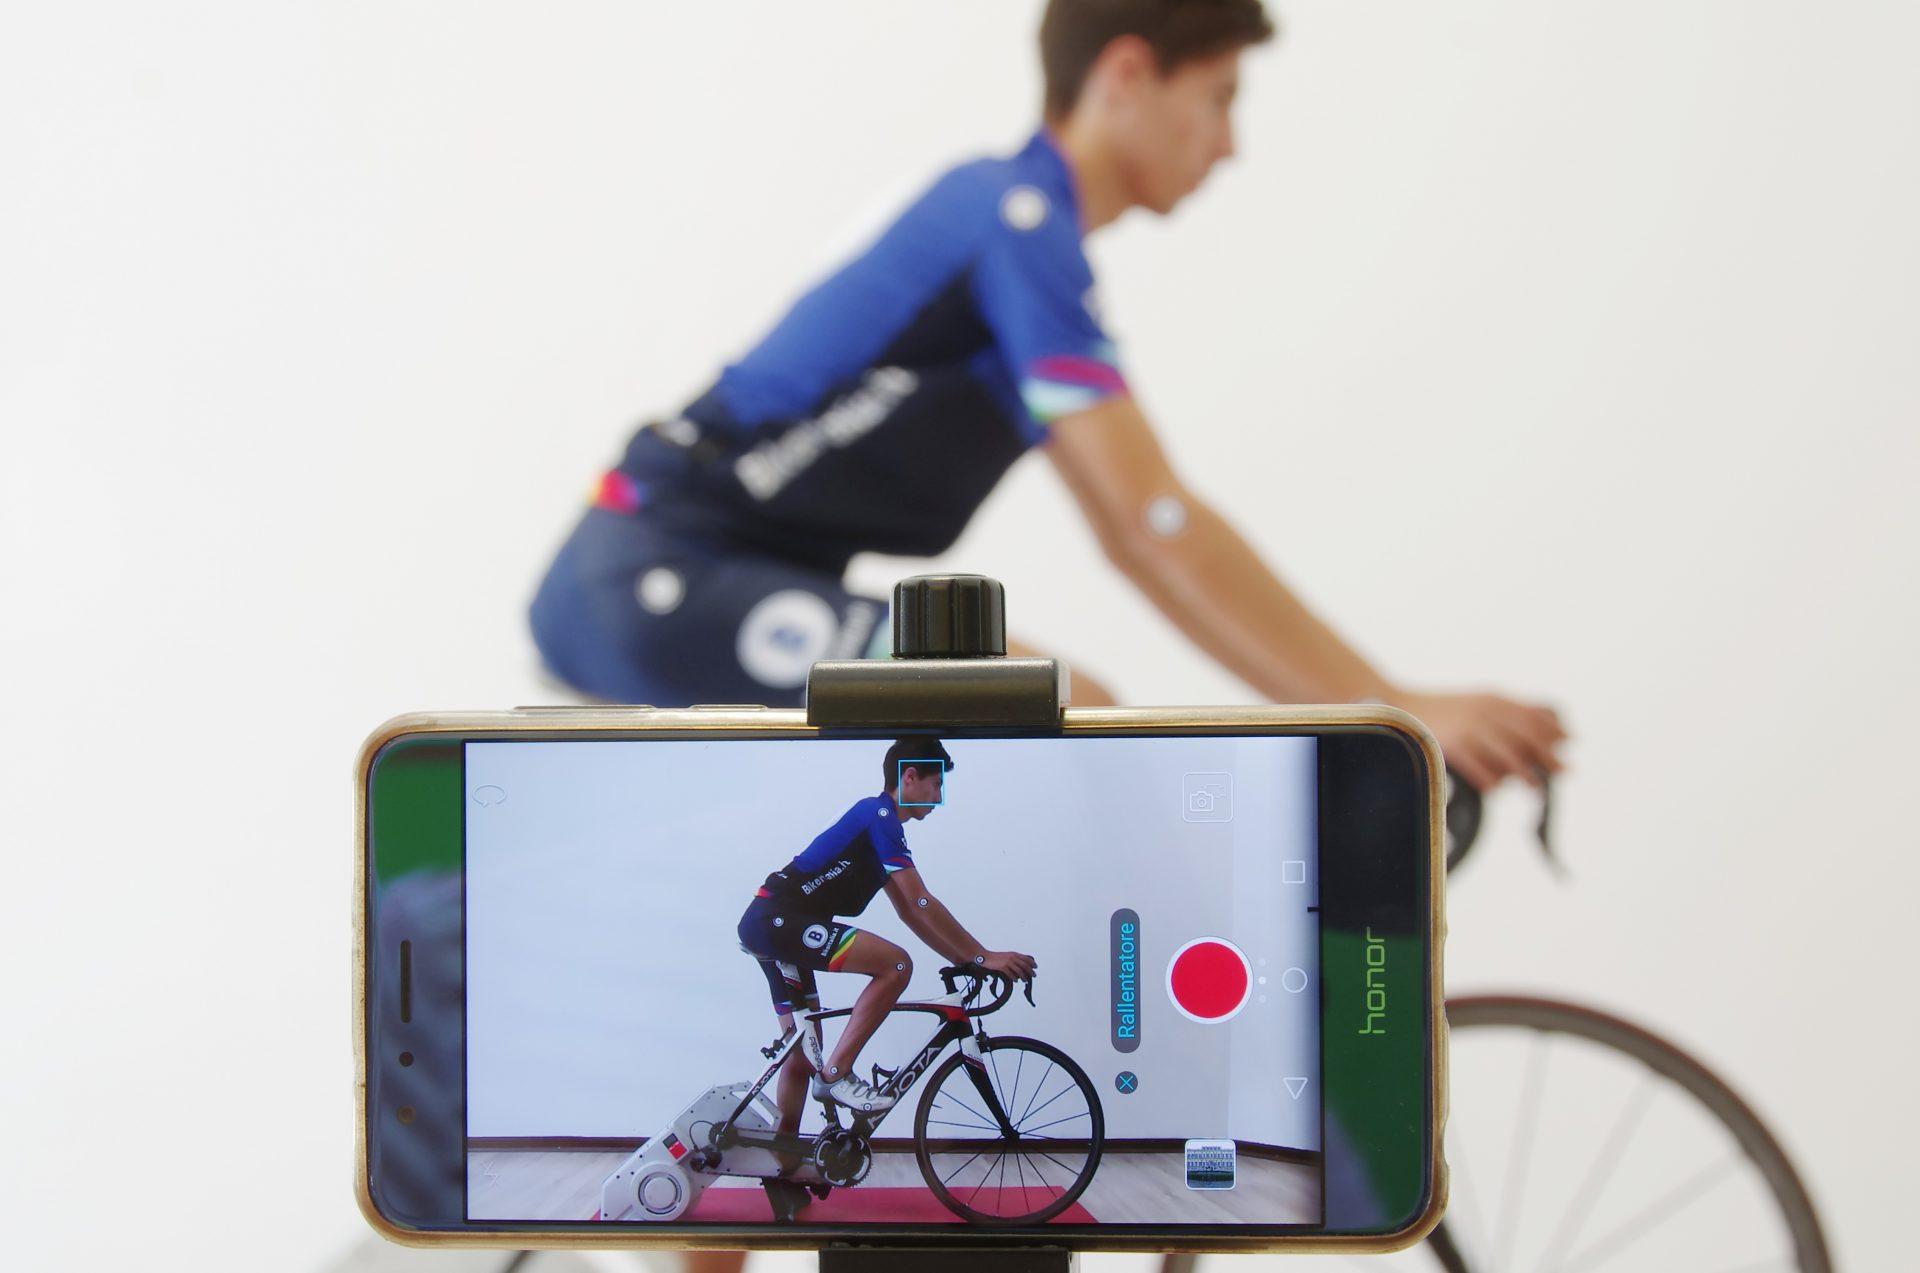 Ciclismo biomeccanica rulli Bikeitalia allenamento indoor